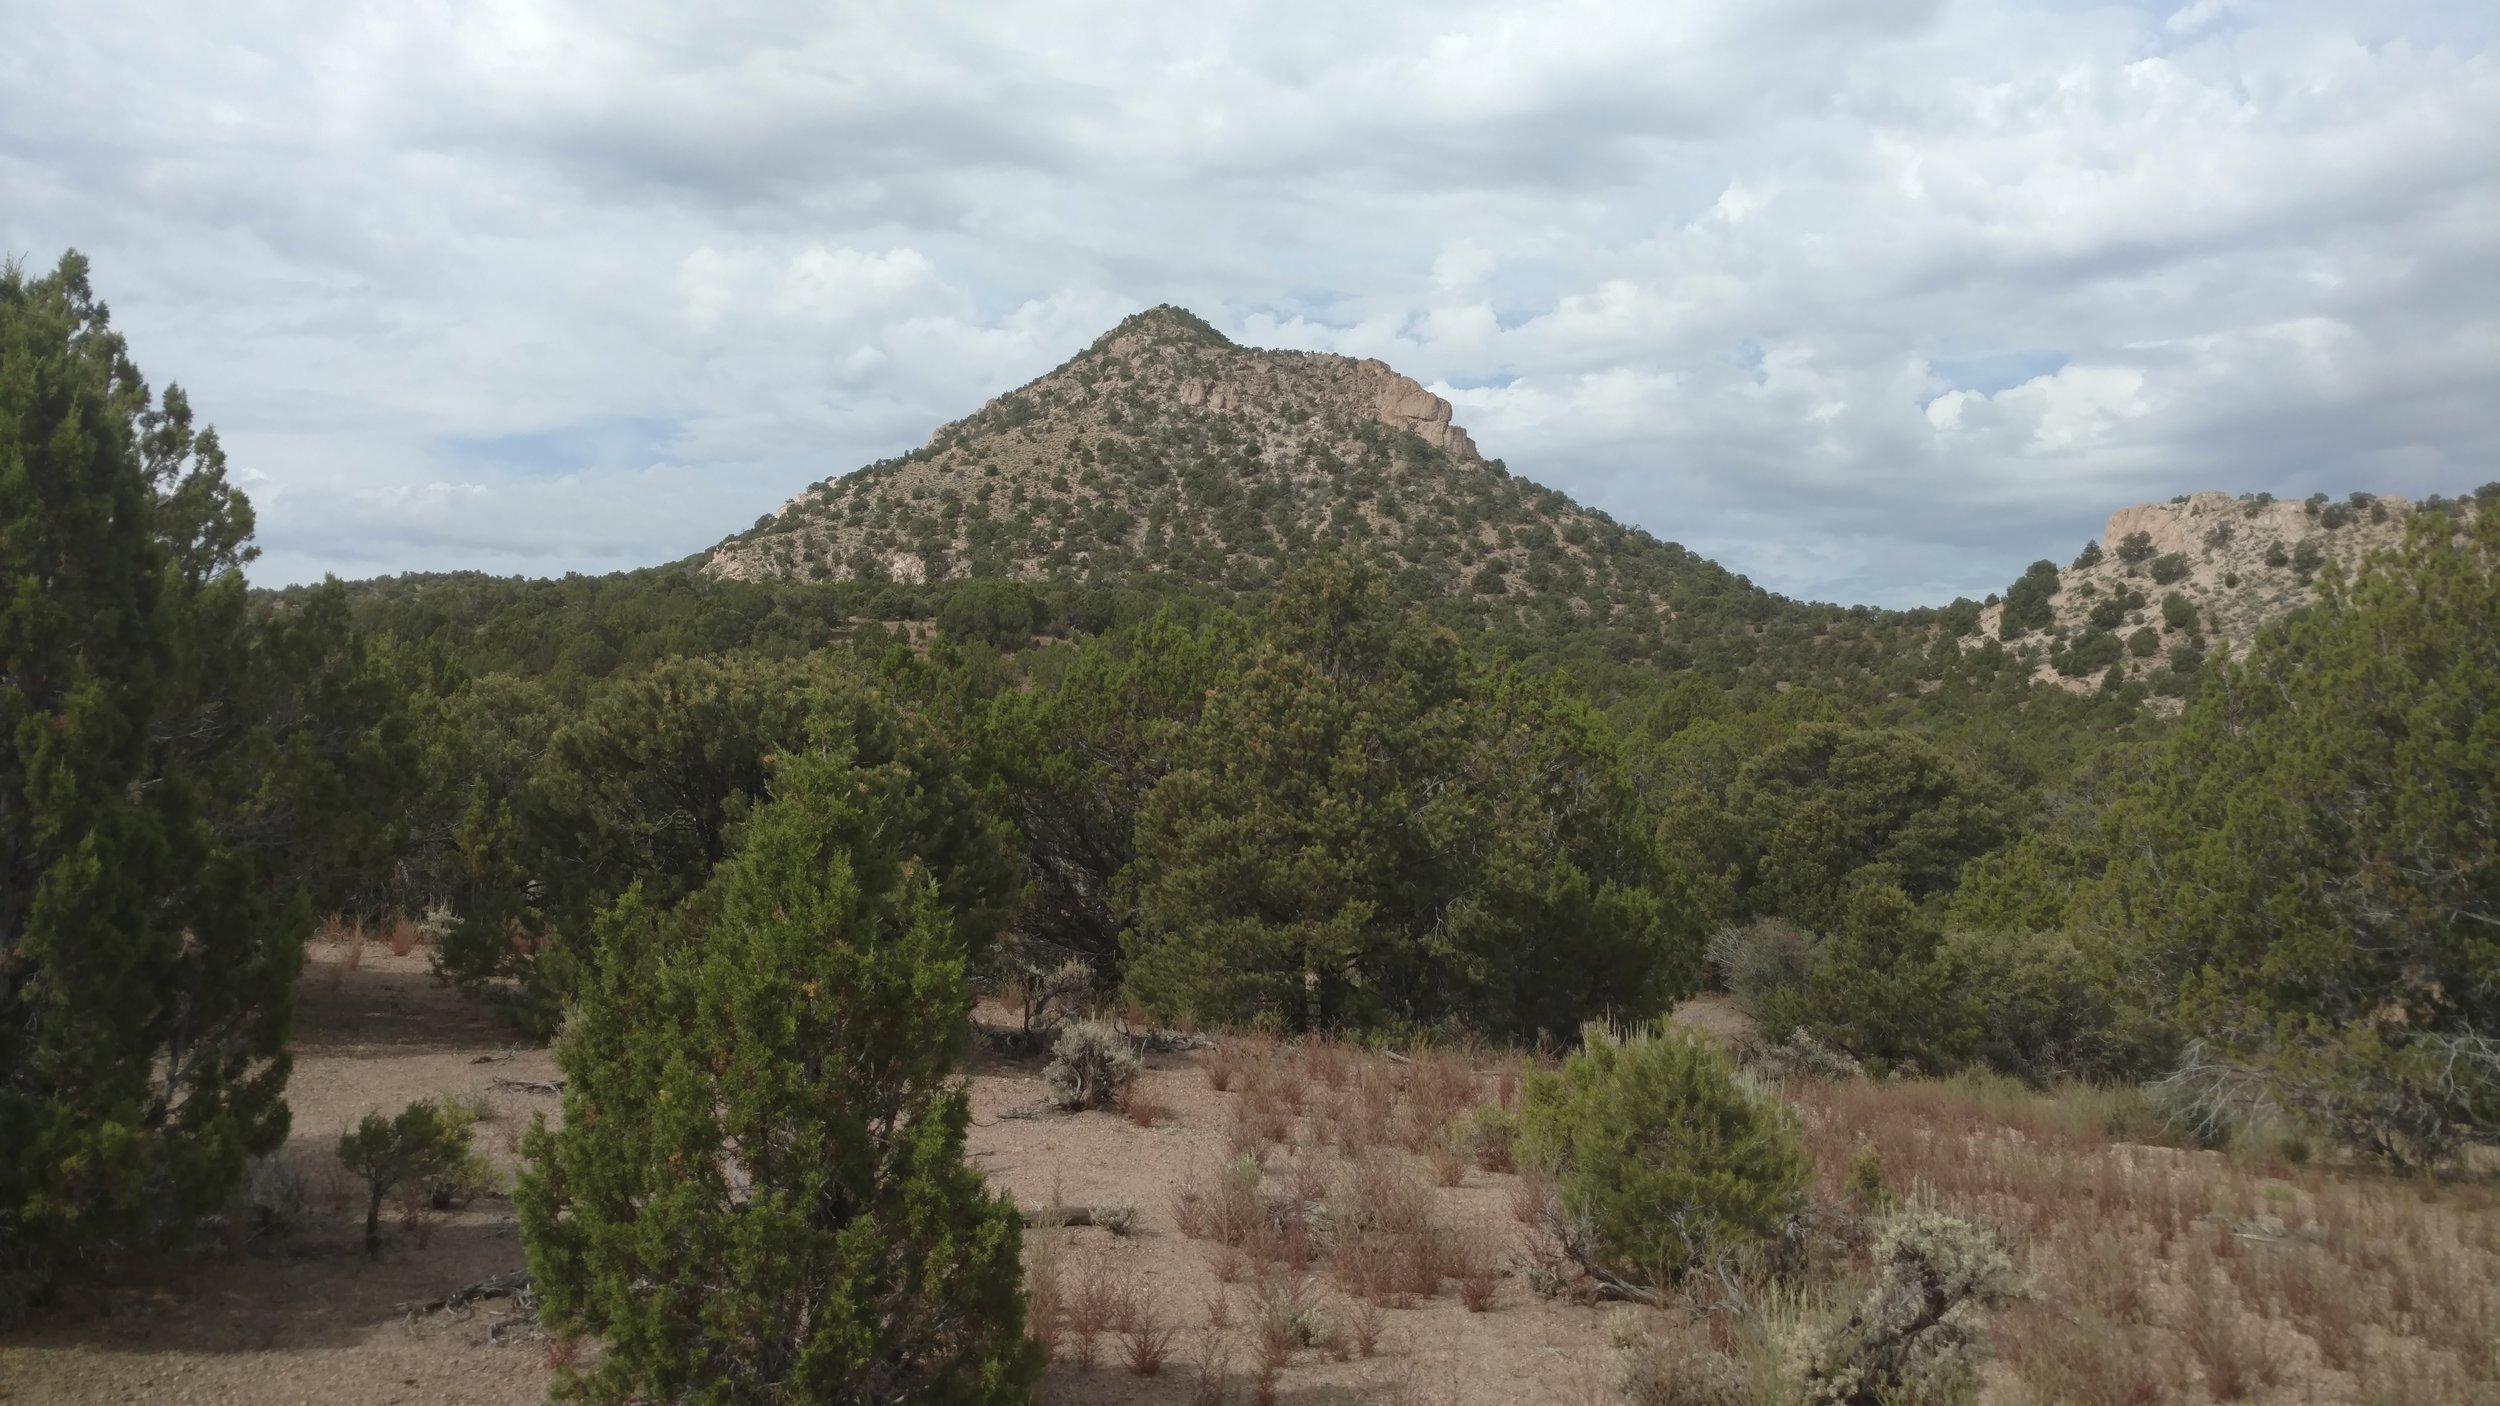 Antelope Peak - Antelope Peak - UT quadrangle. UT Rank: 2888, UT Prominence Rank 2240